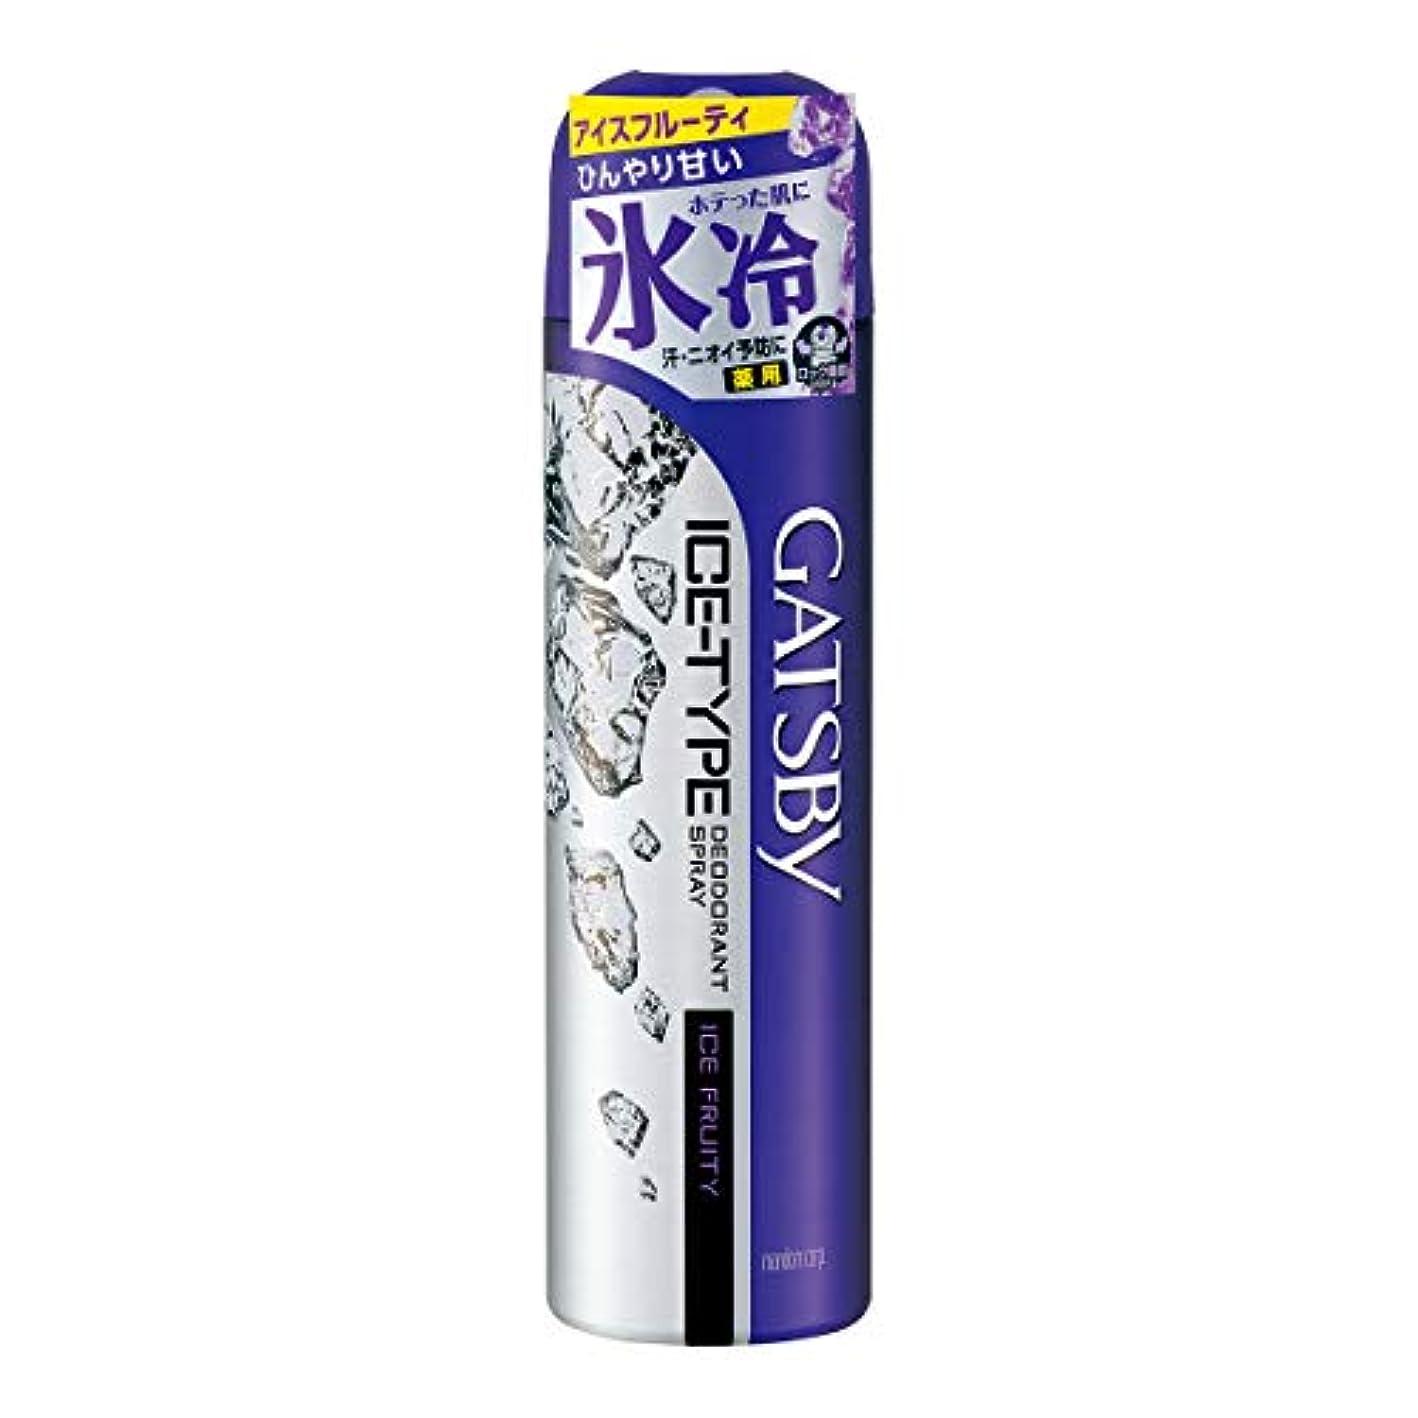 マキシムグリット気まぐれなギャツビー アイスデオドラントスプレー アイスフルーティ 135g (医薬部外品)